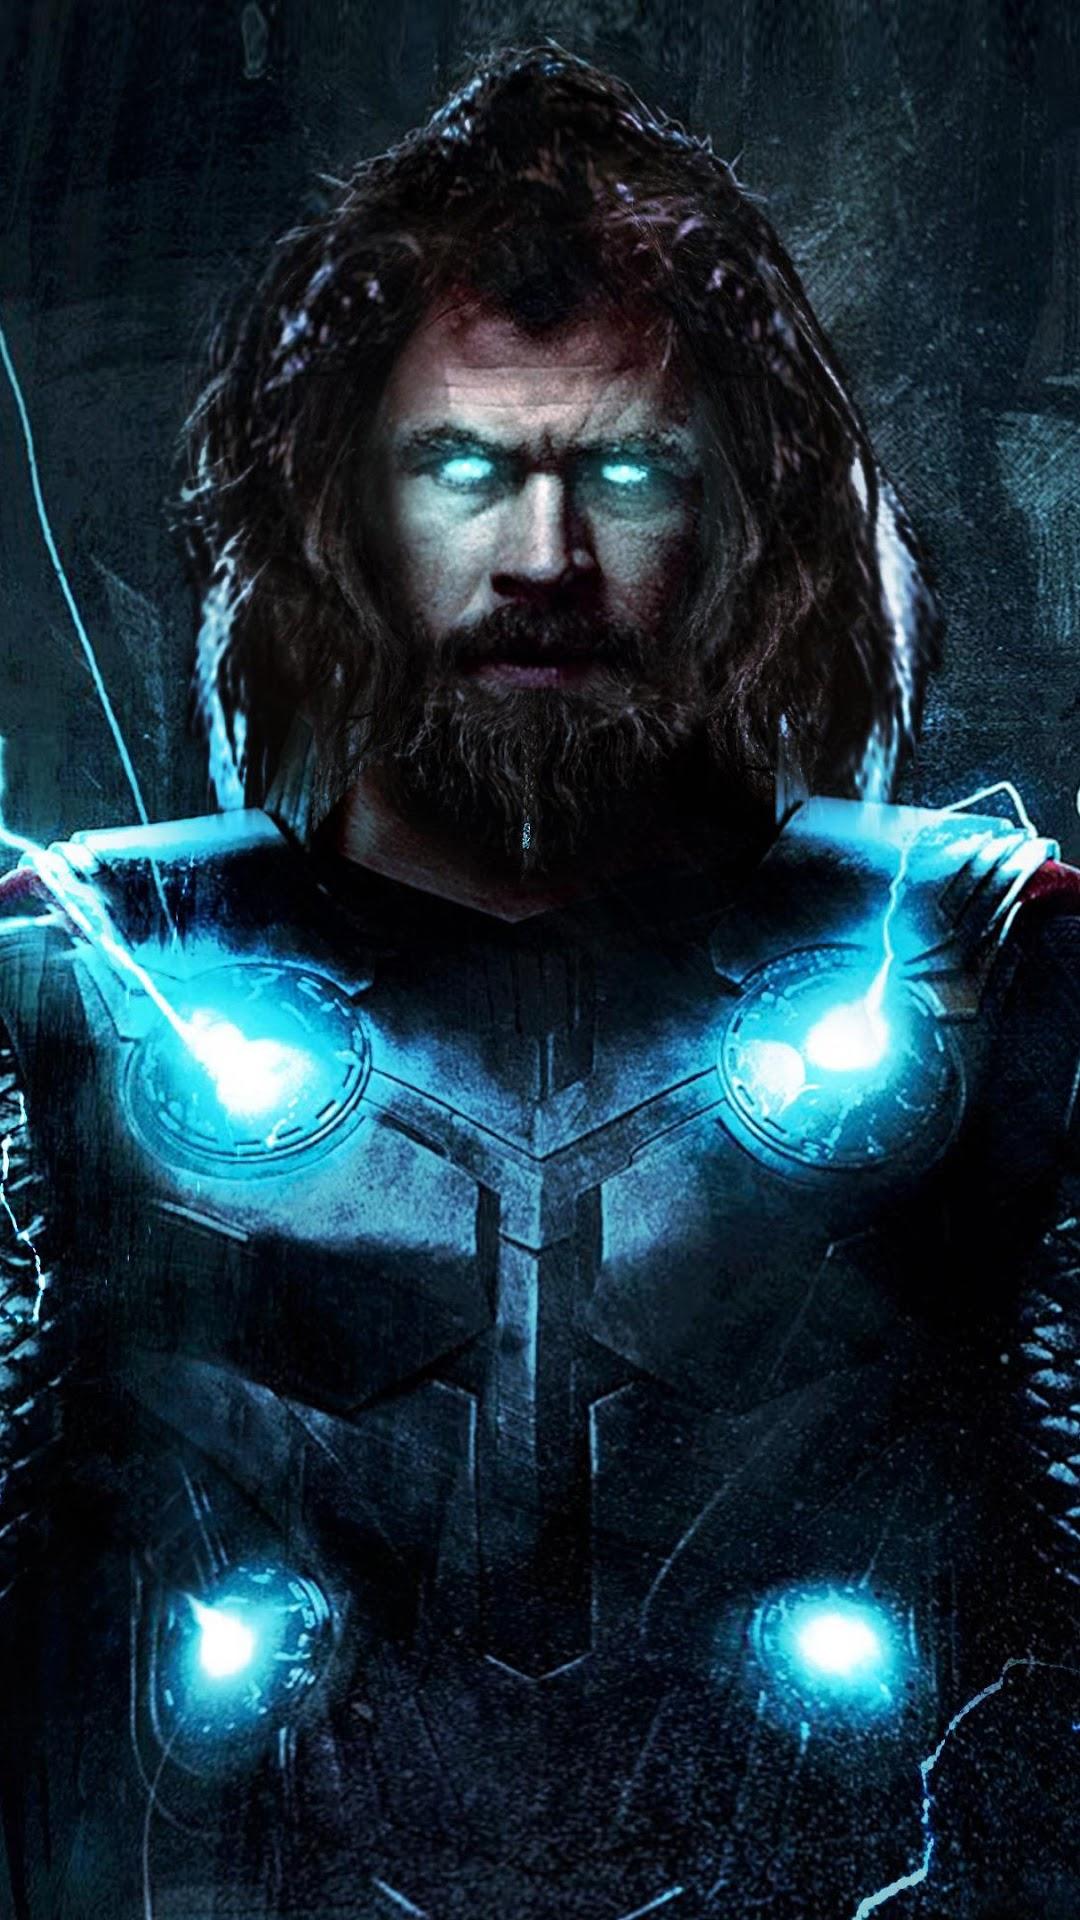 Endgame, Thor, Stormbreaker, 4k, - Thor Endgame Wallpaper ...